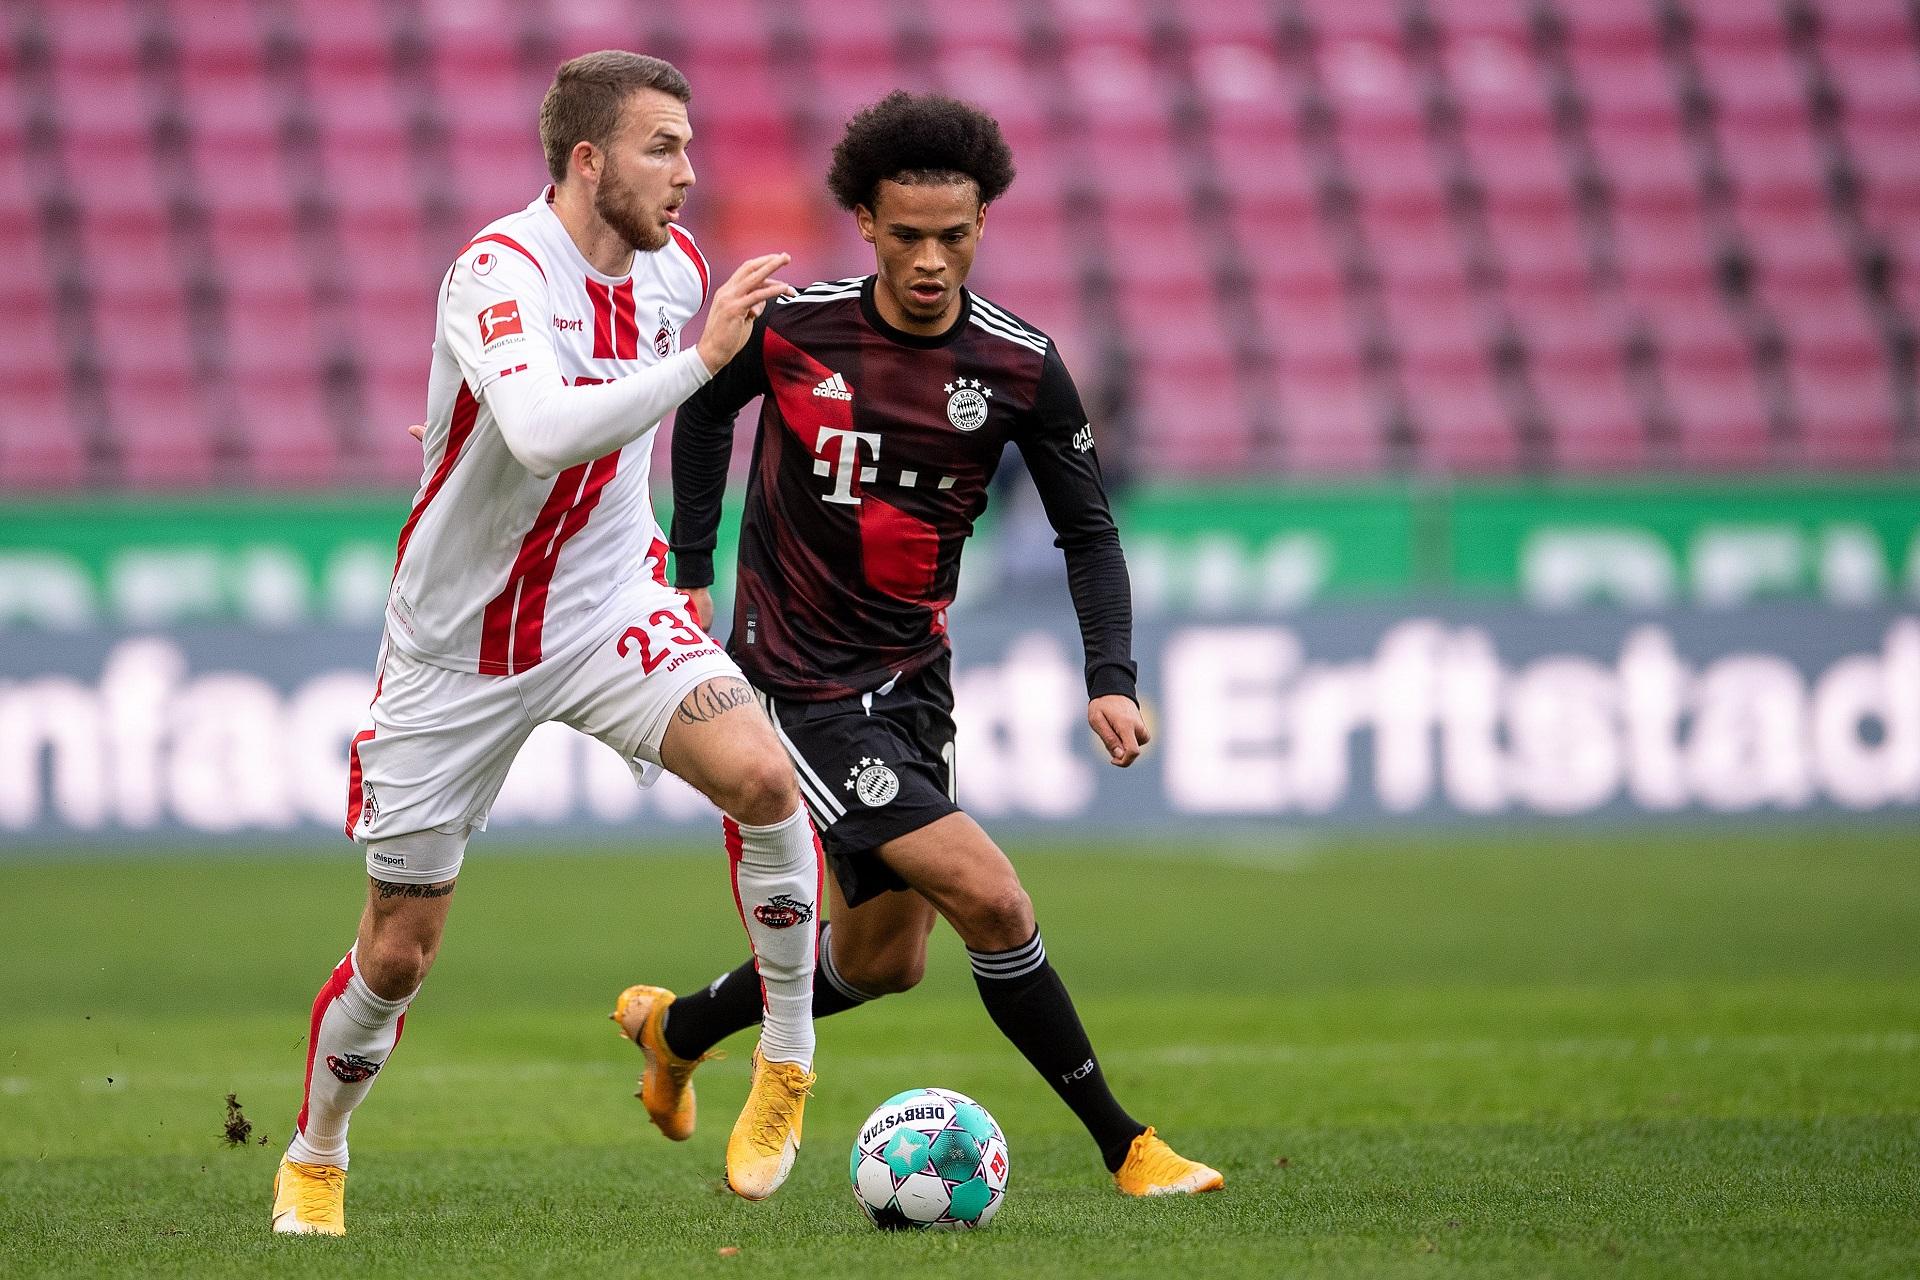 Pobjede Bayerna i Borussije Dortmund